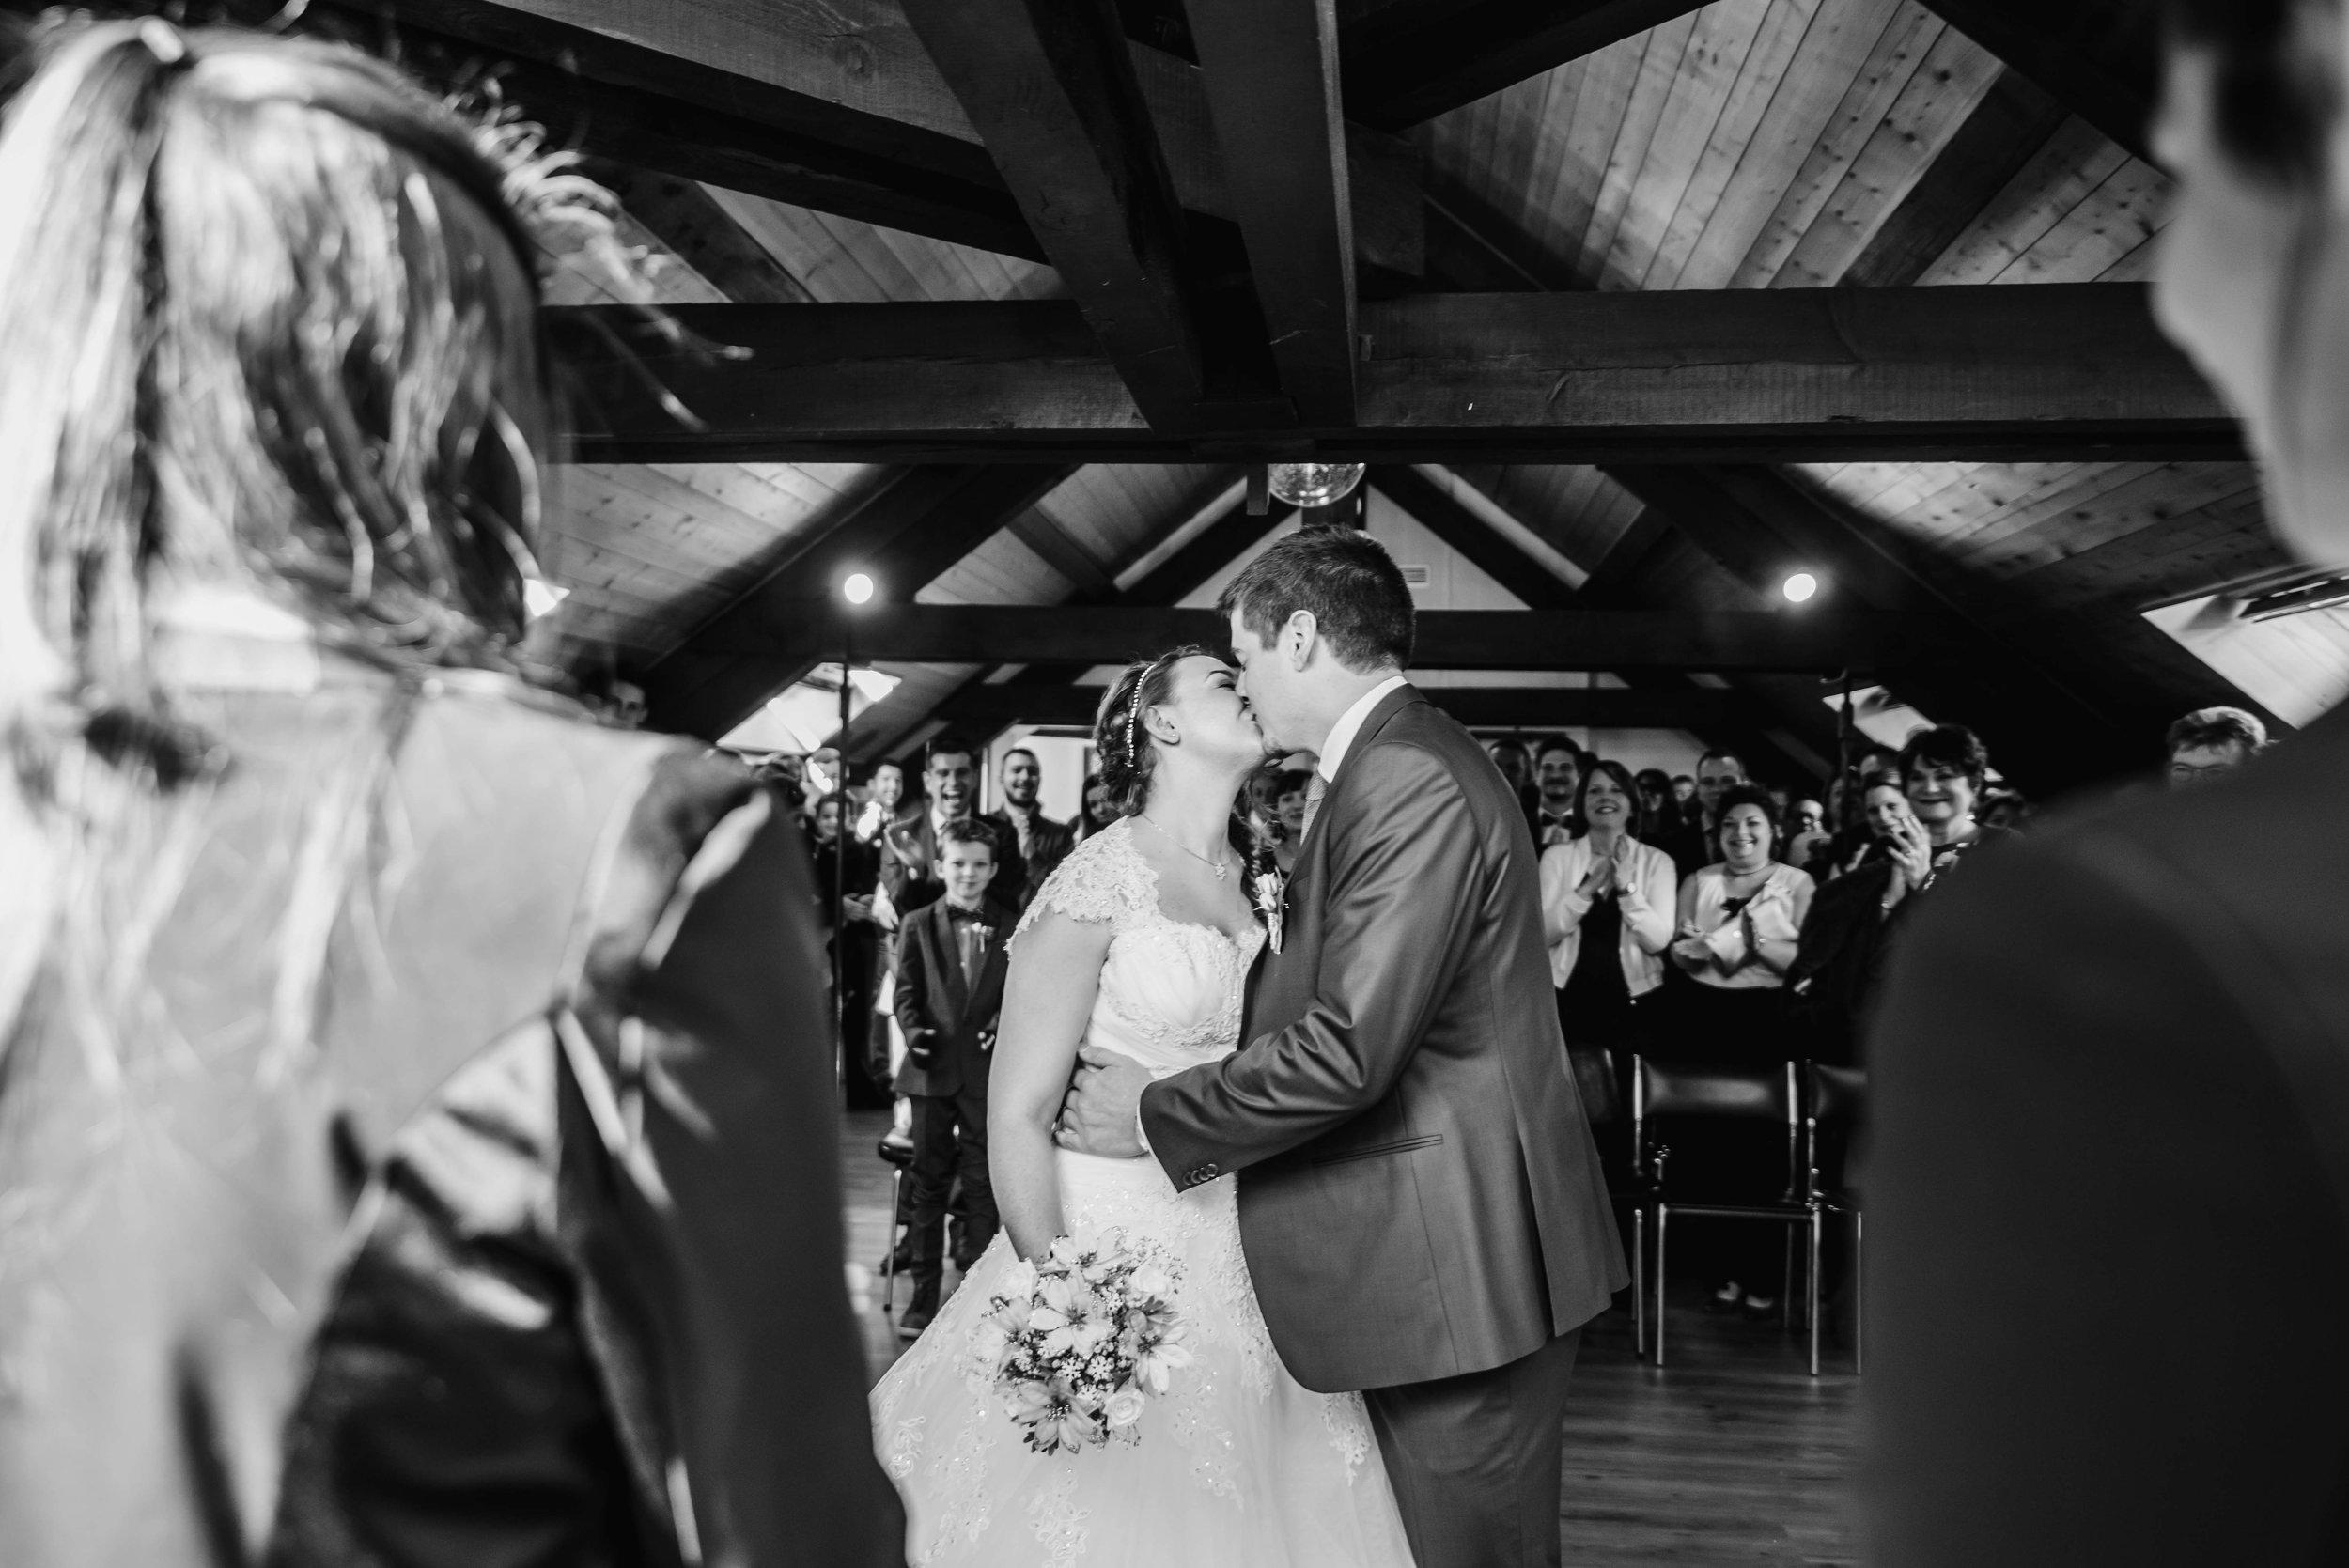 Léa-Fery-photographe-professionnel-lyon-rhone-alpes-portrait-mariage-couple-amour-lovesession-engagement-elopment-2227.jpg